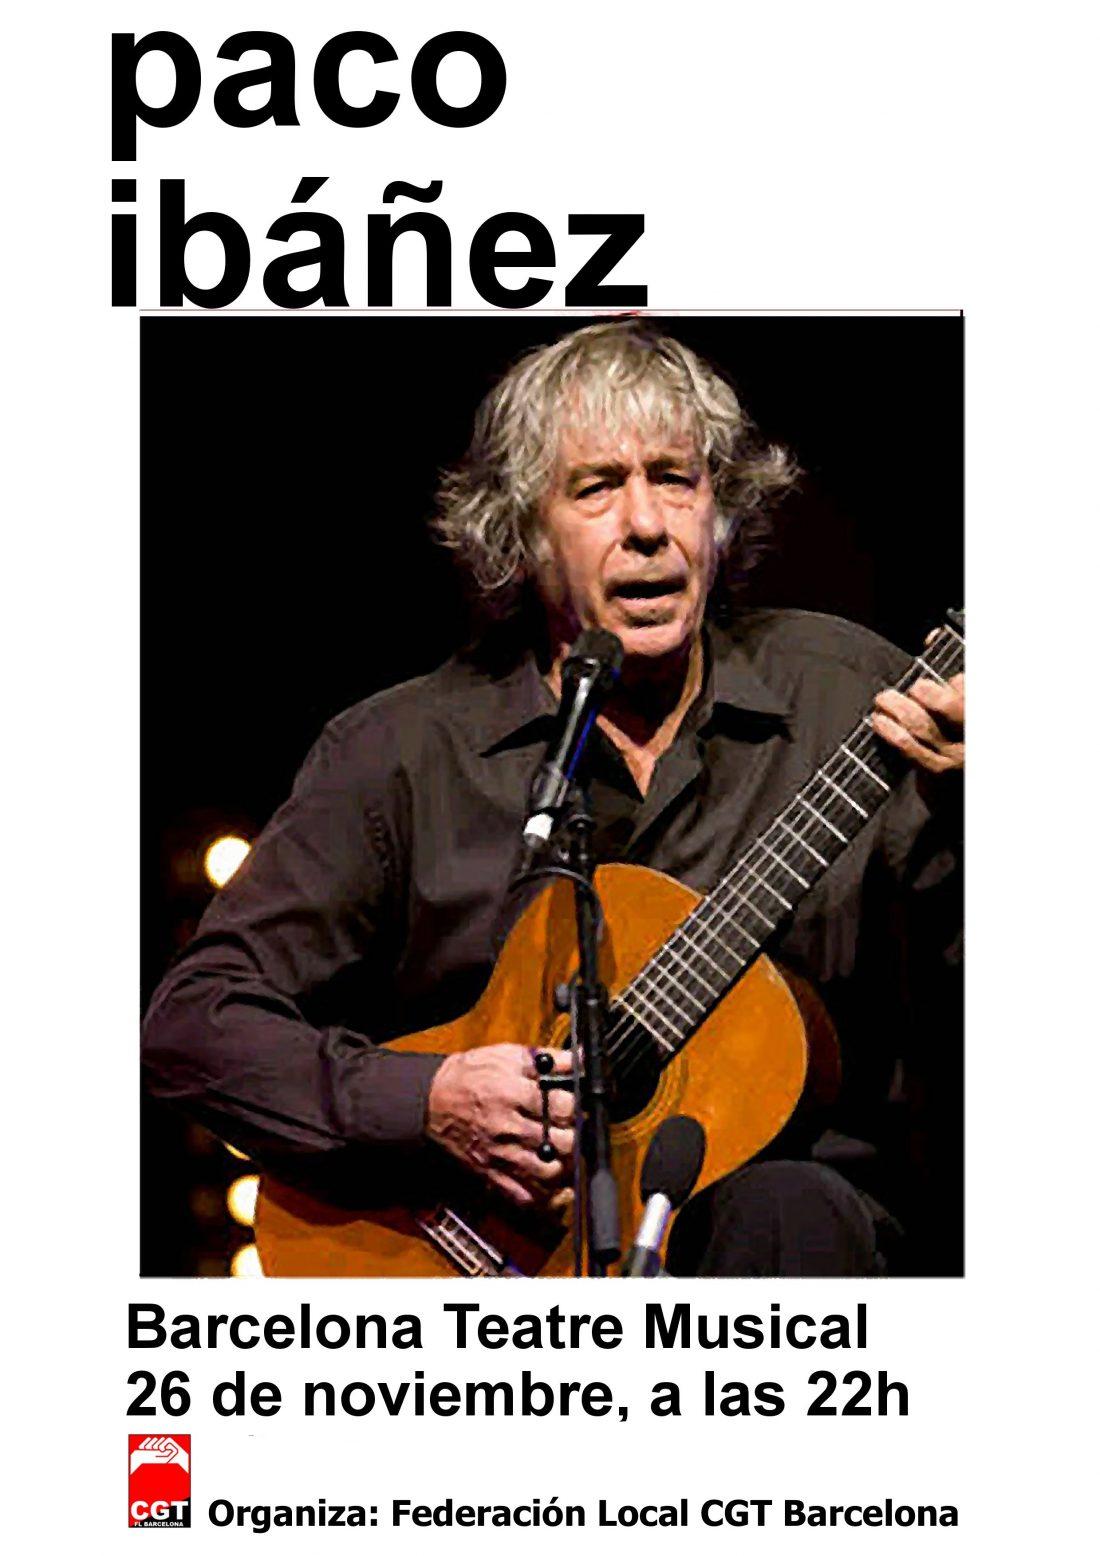 Barcelona, 26 de noviembre: Concierto de Paco Ibáñez